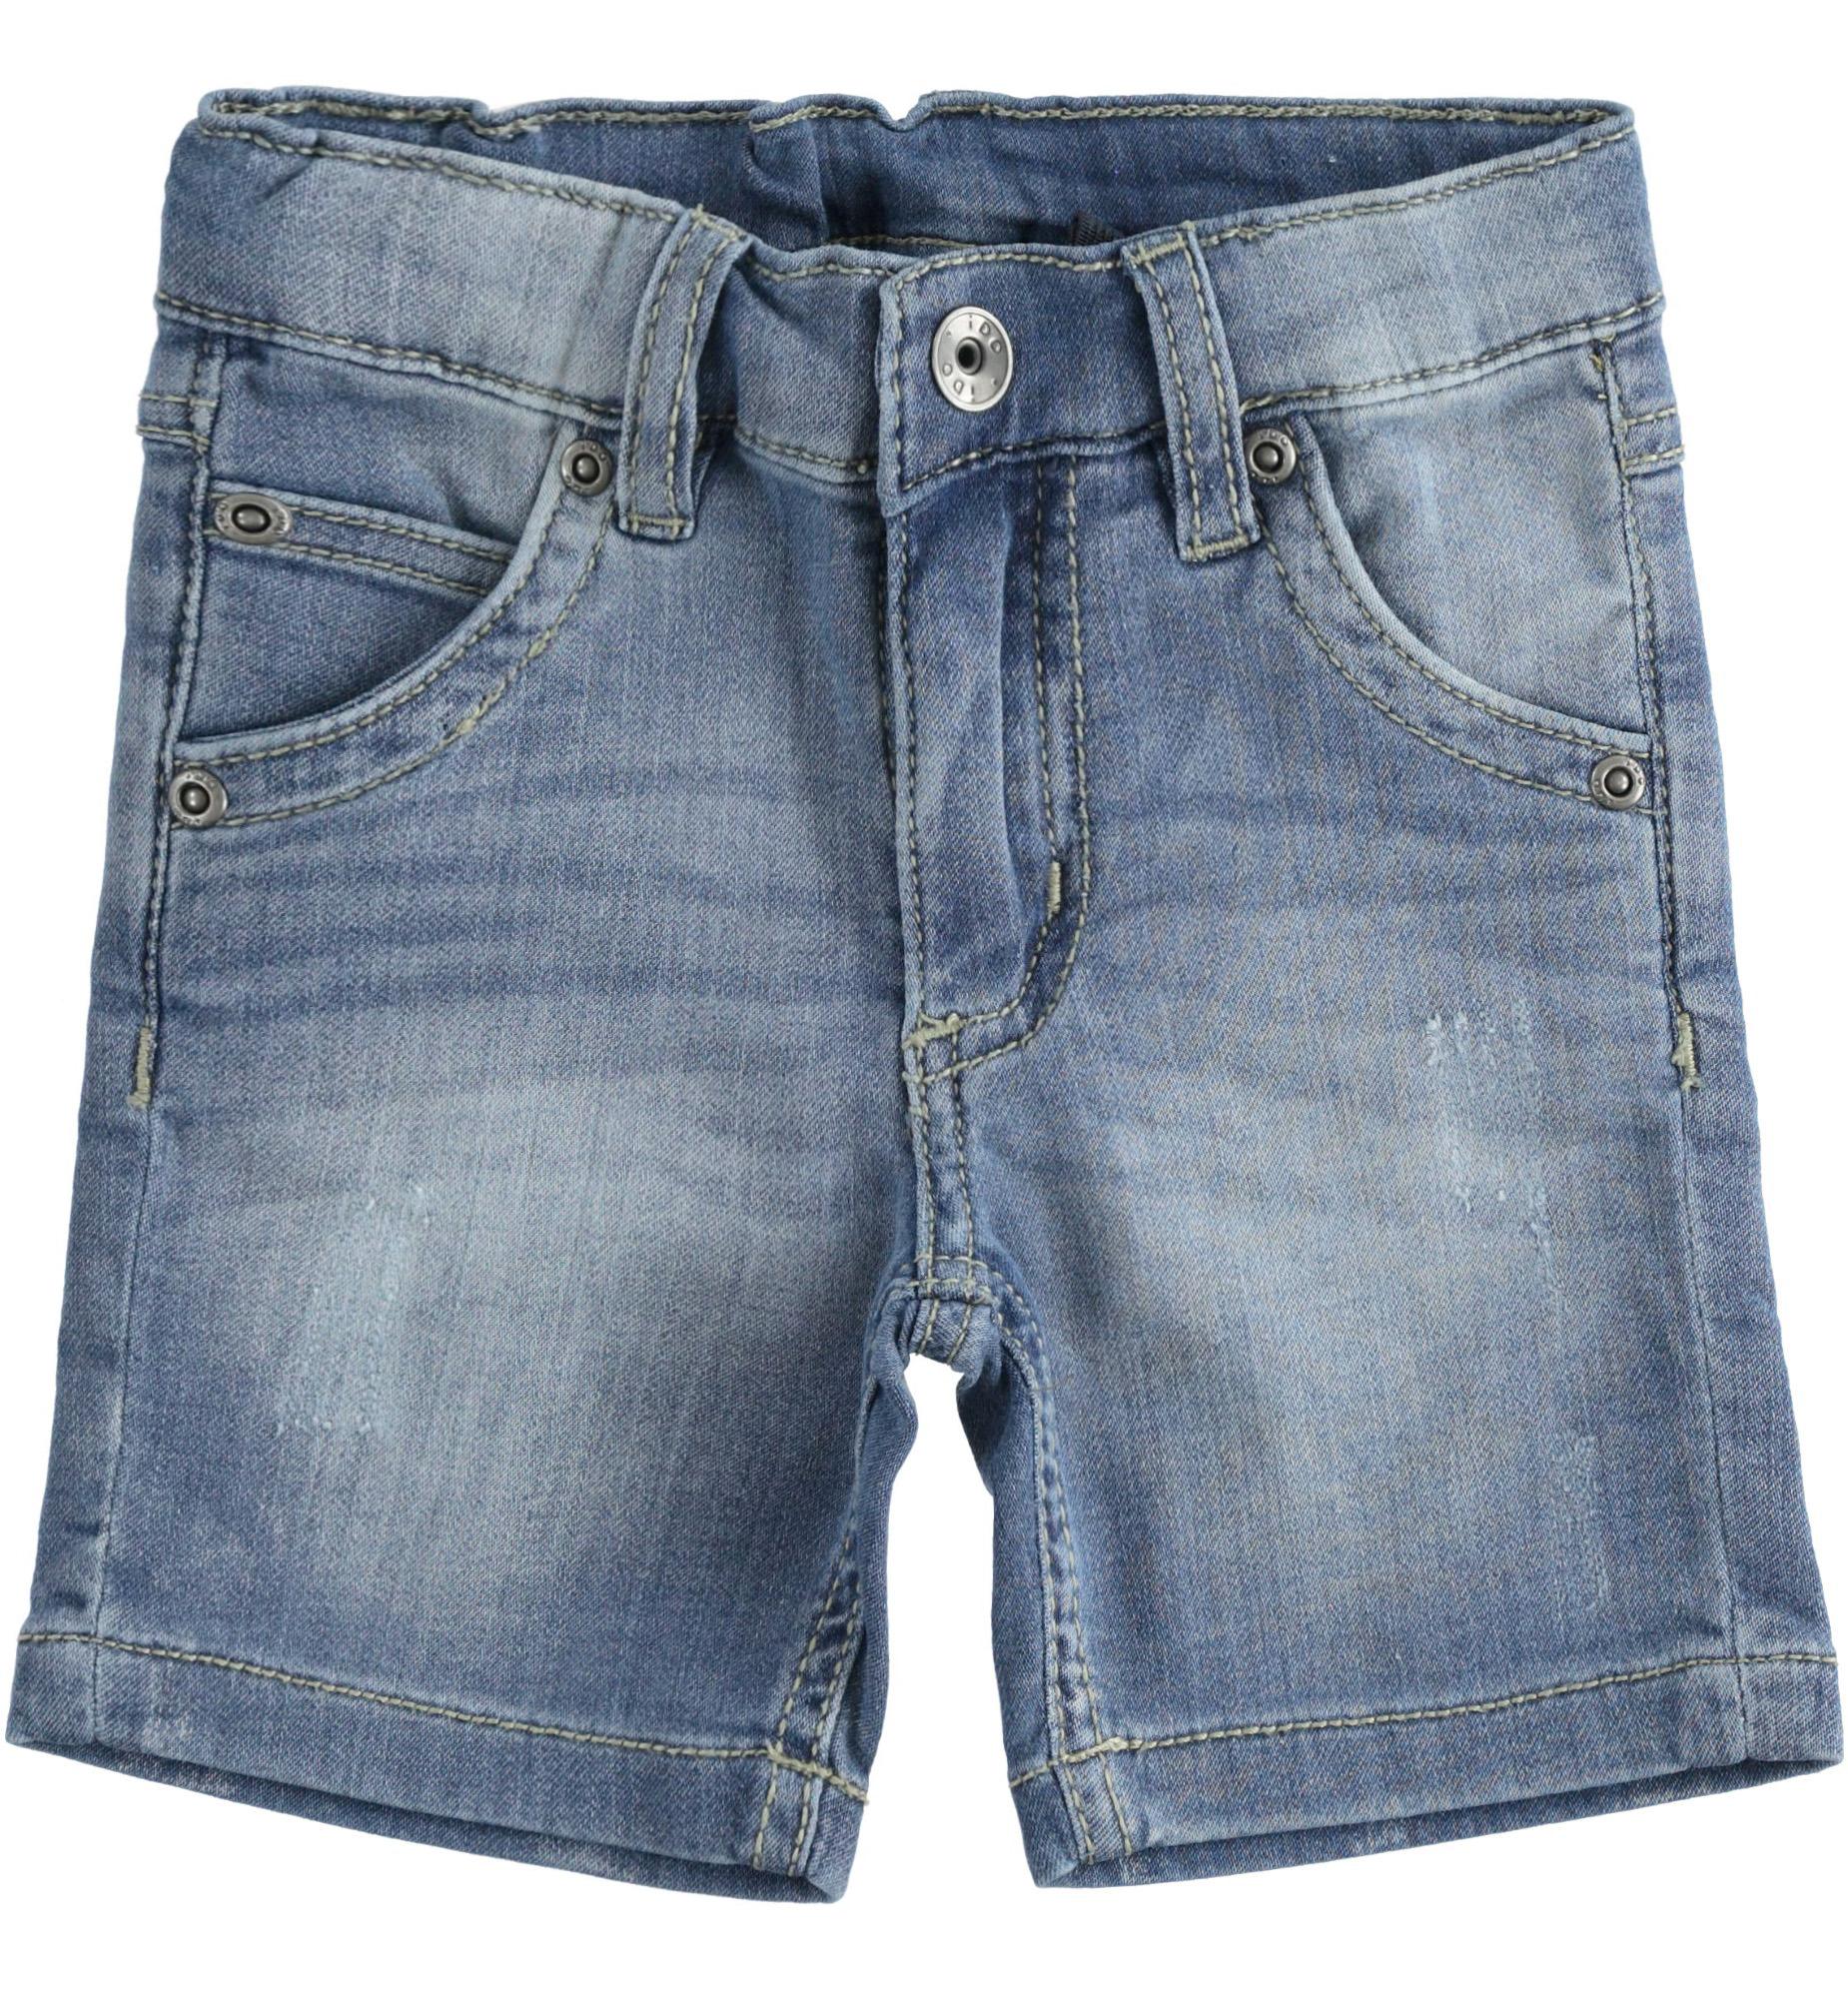 Kisfiú bermuda farmer hatású puha nadrág